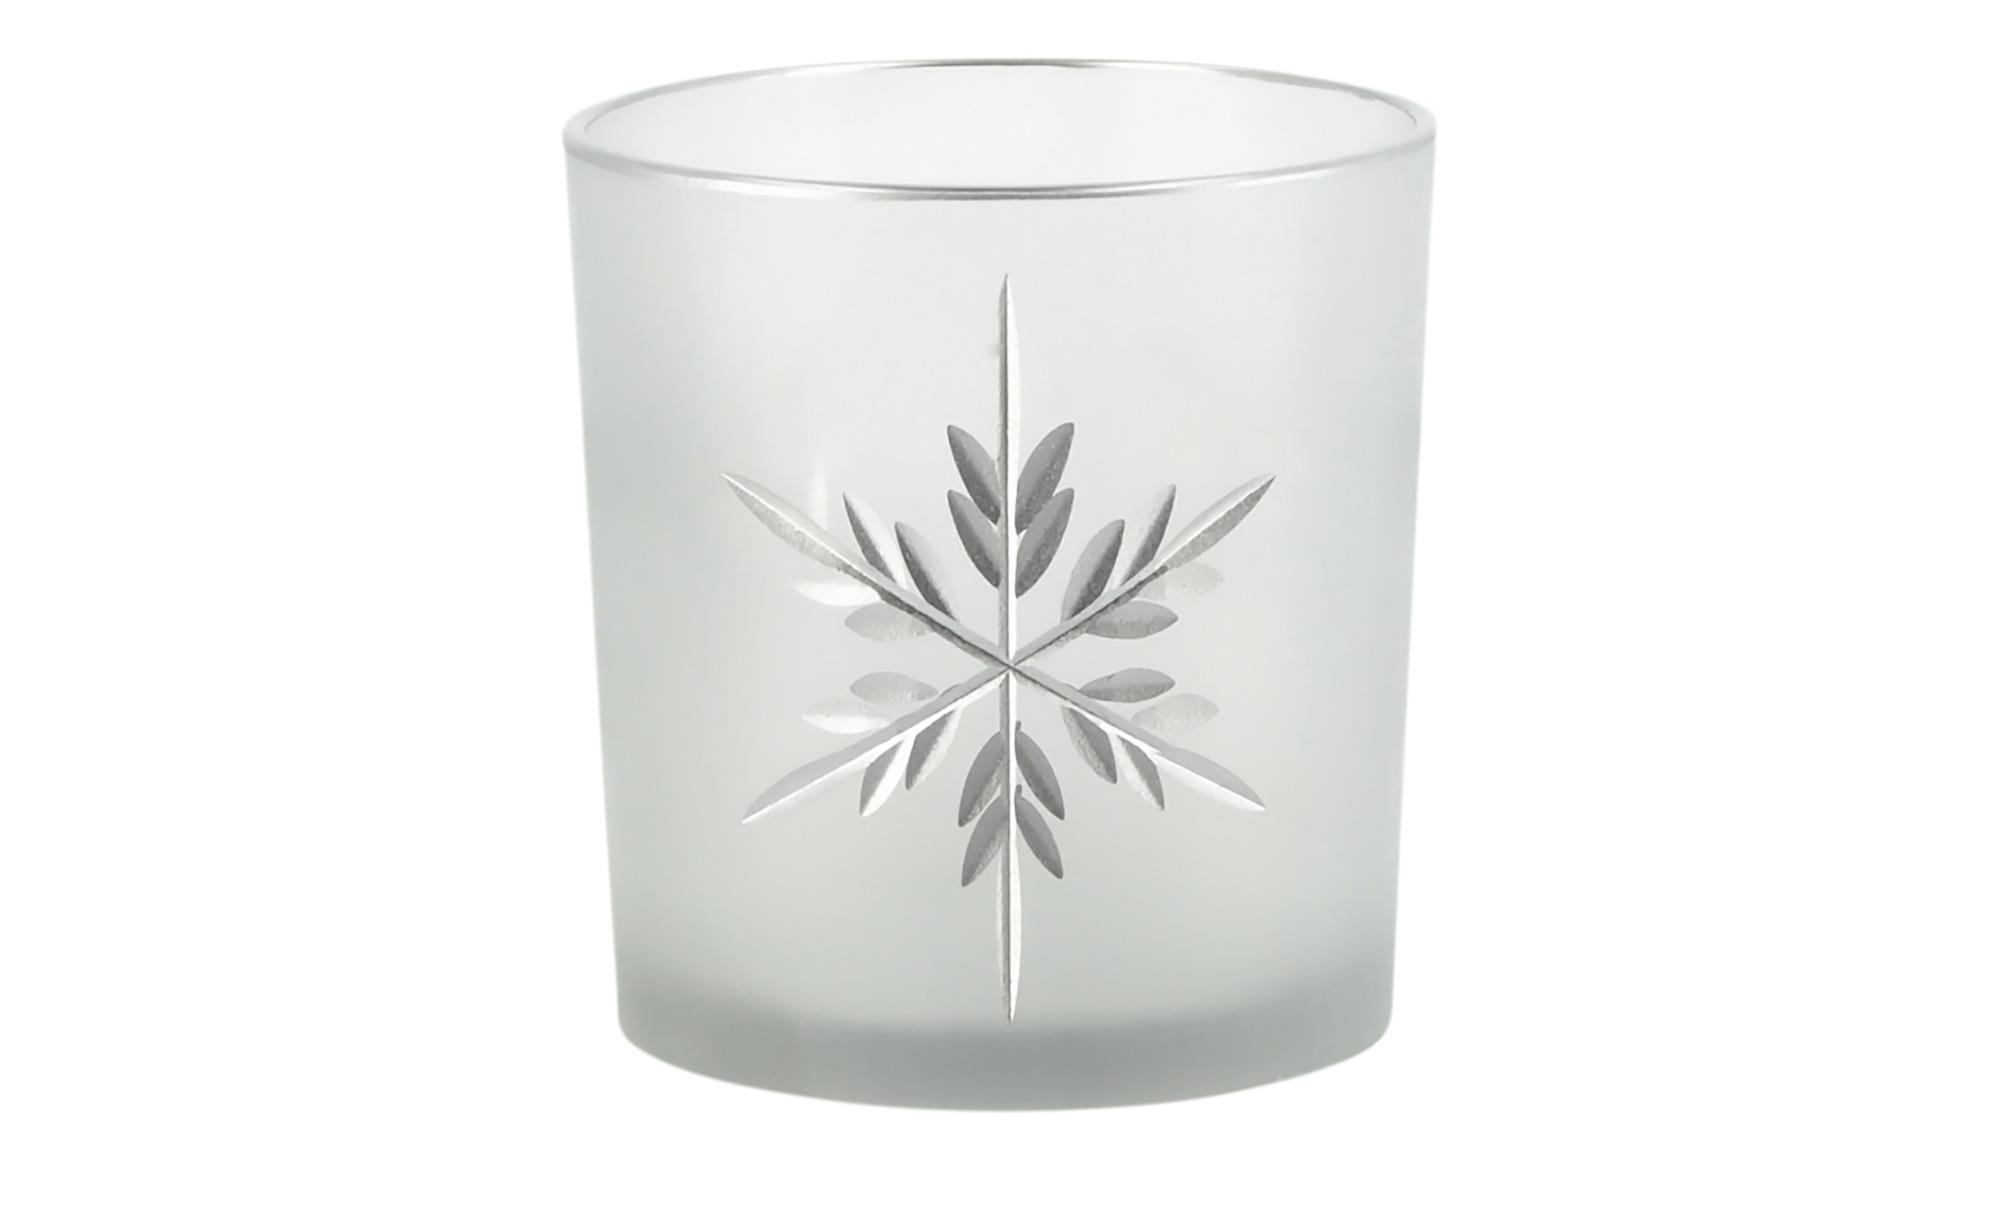 Teelichthalter  Eiskristall ¦ weiß ¦ Glas  ¦ Maße (cm): H: 8 Ø: 7 Dekoration > Kerzen & Lichter > Kerzenständer - Höffner